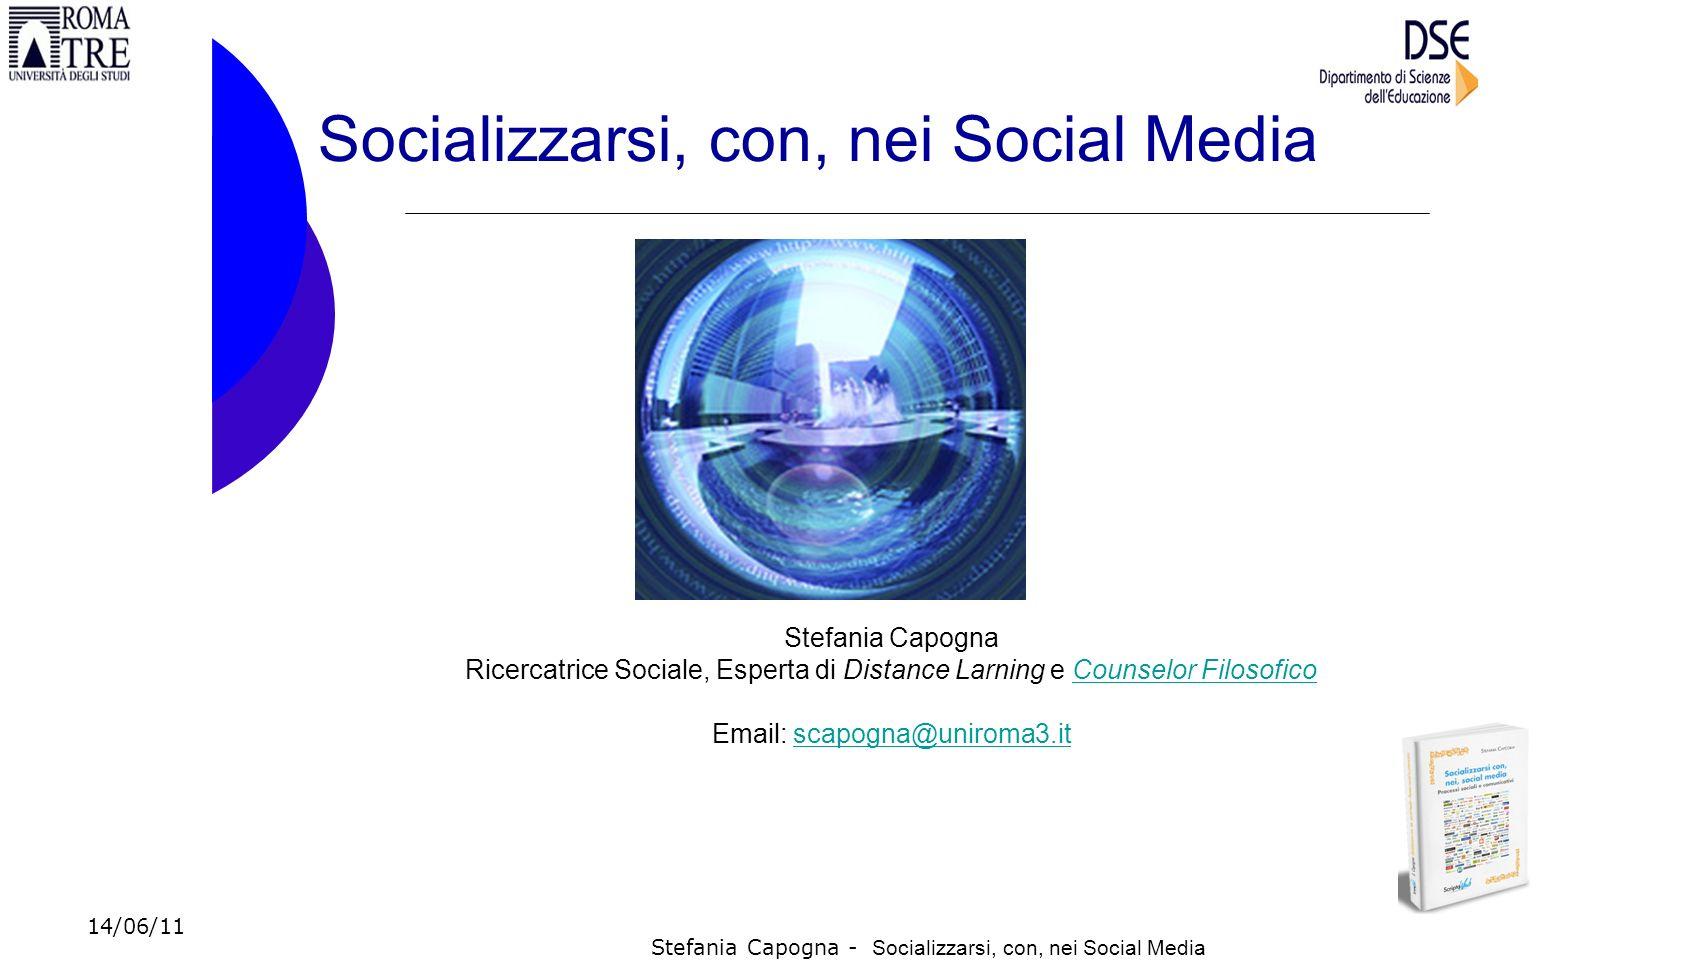 Socializzarsi, con, nei Social Media